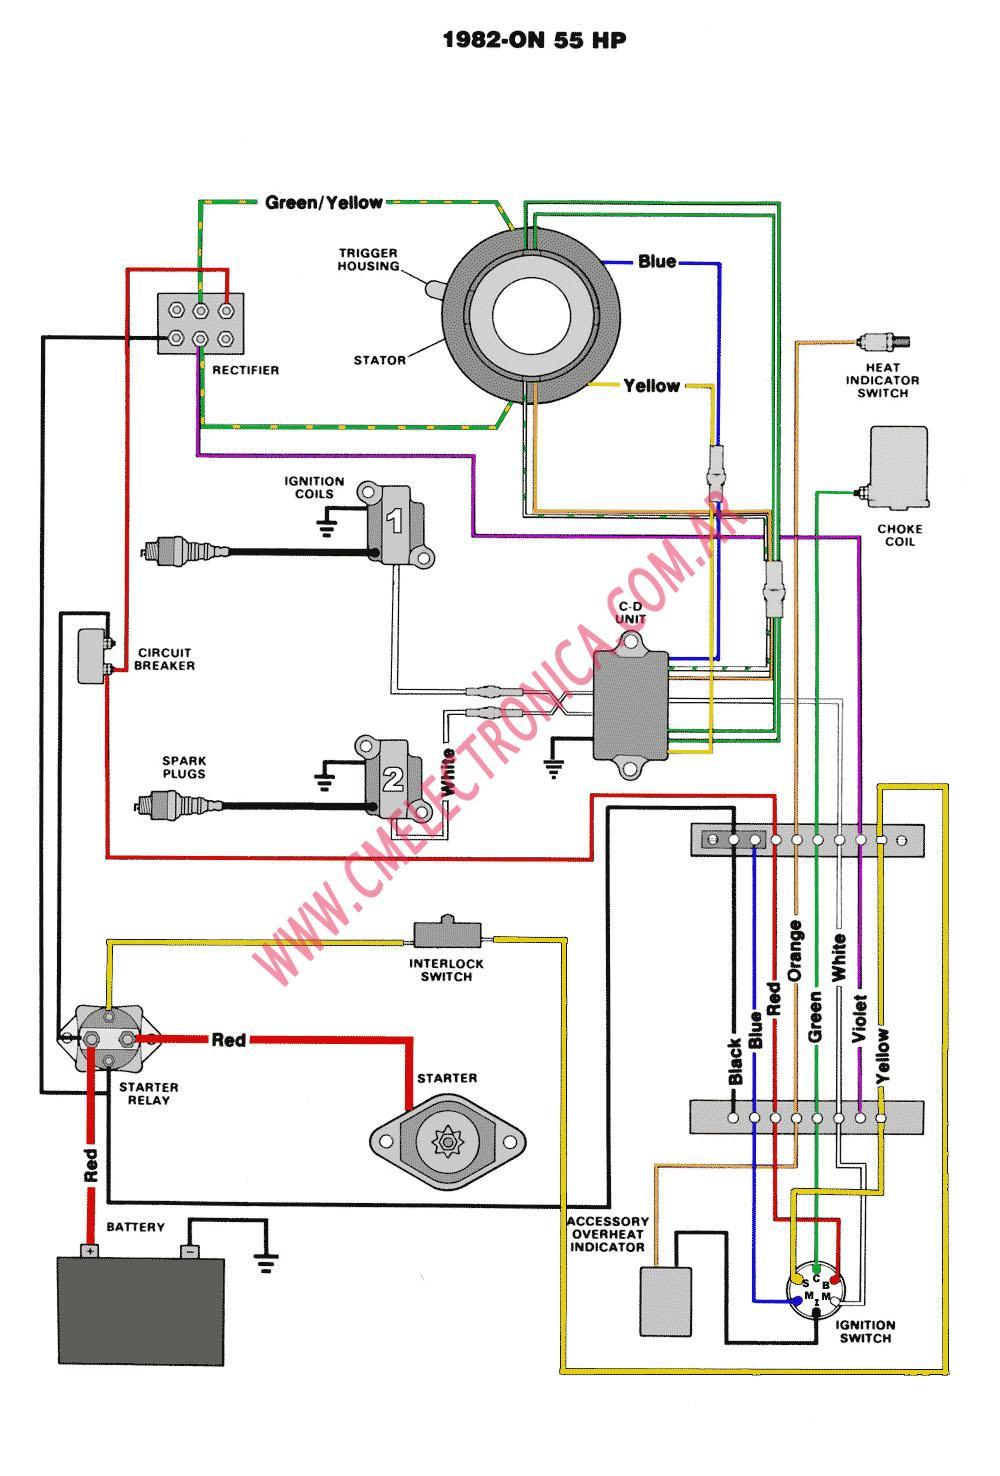 Diagrama Chrysler Force 55 82 84